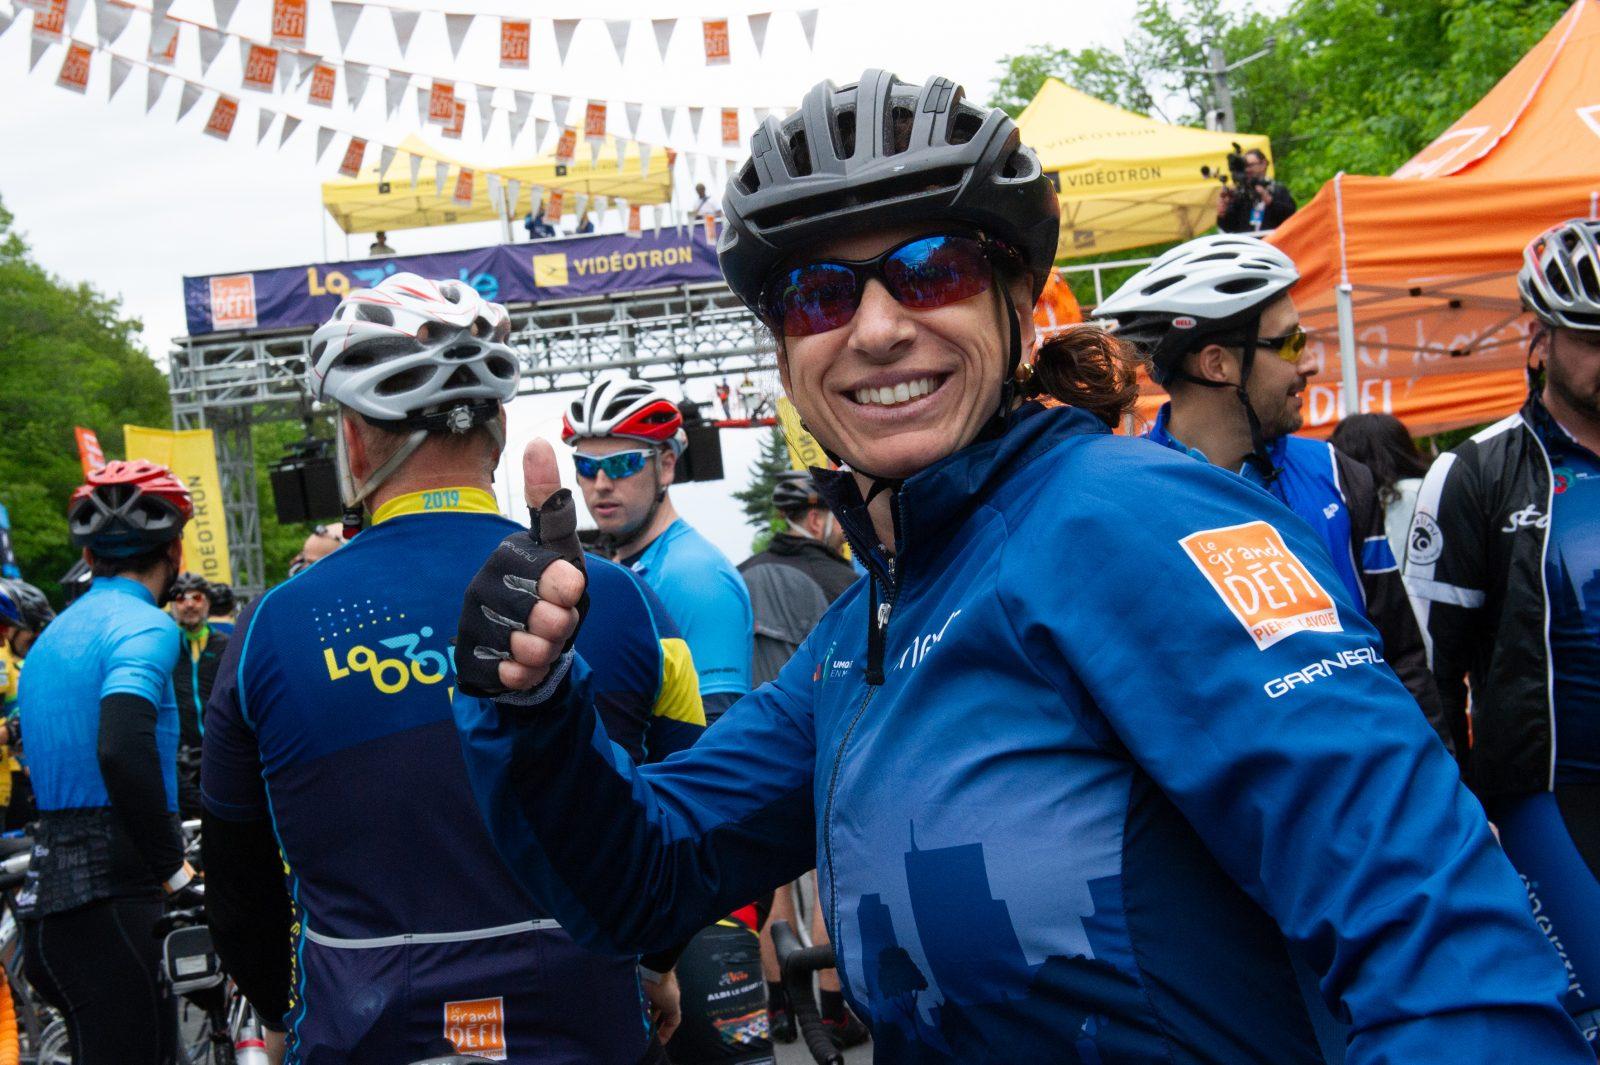 Grand défi Pierre Lavoie: mission accomplie pour Catherine Lassonde